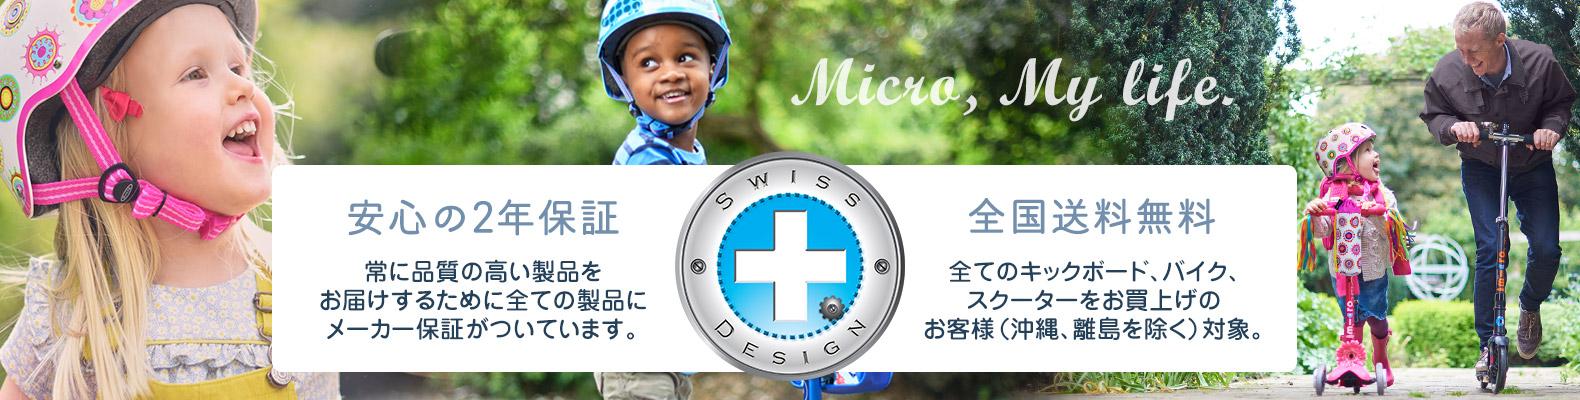 マイクロスクータージャパン